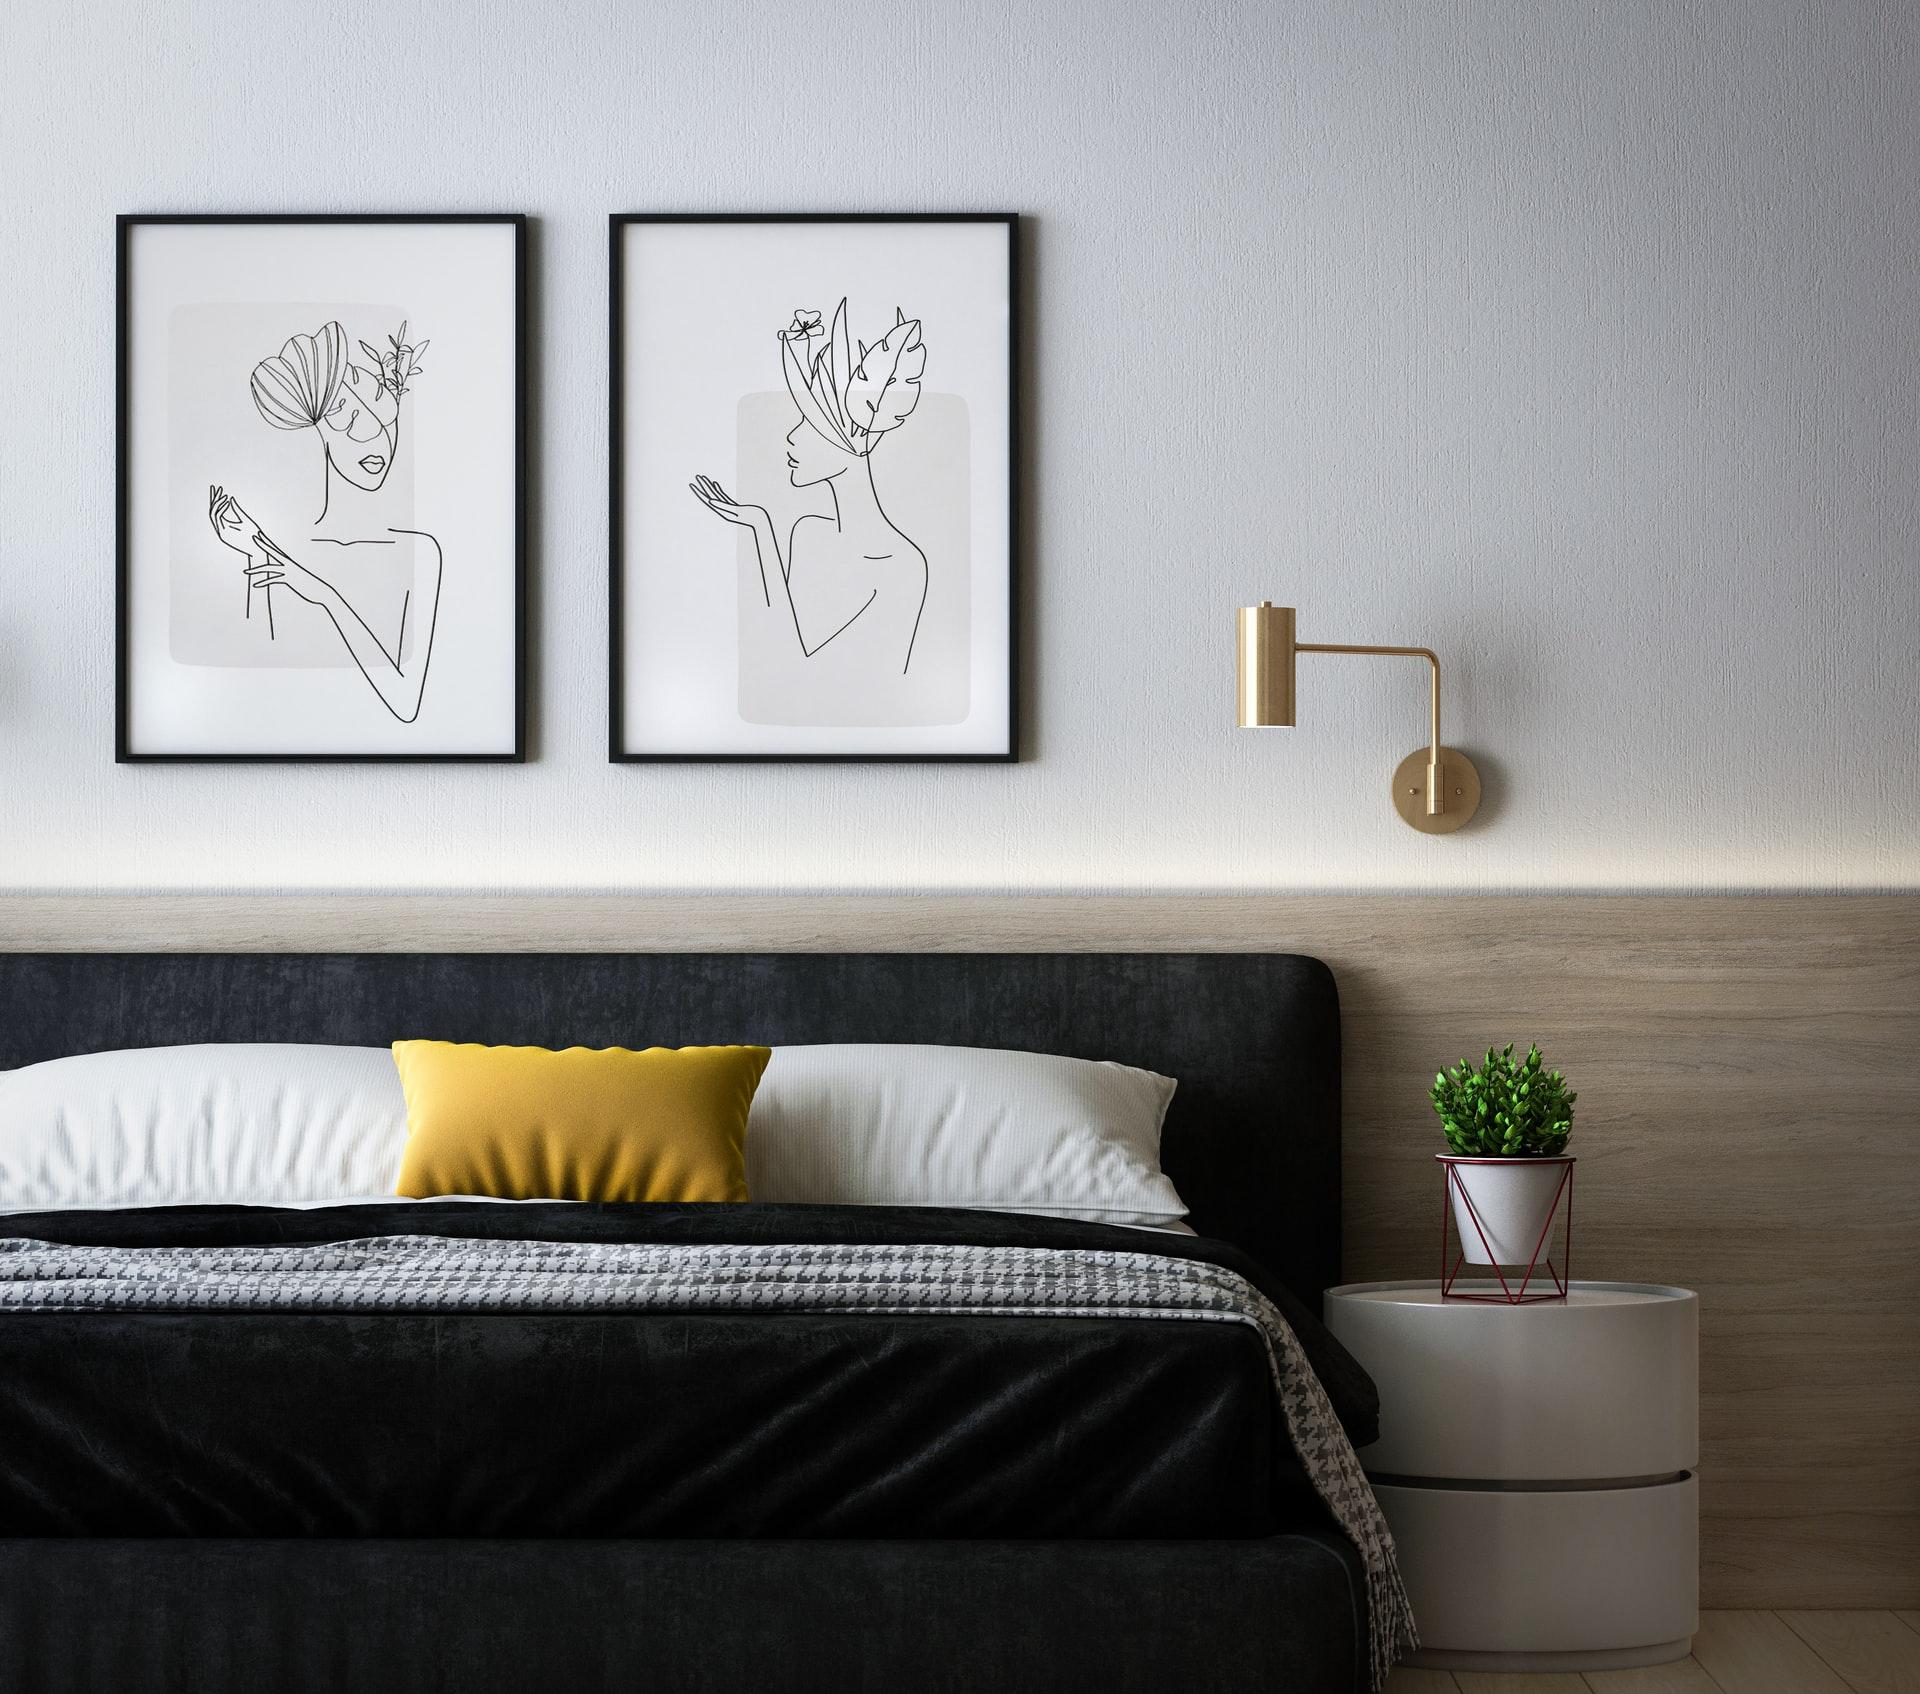 Tapety na ścianę do sypialni - jak wybrać? 24